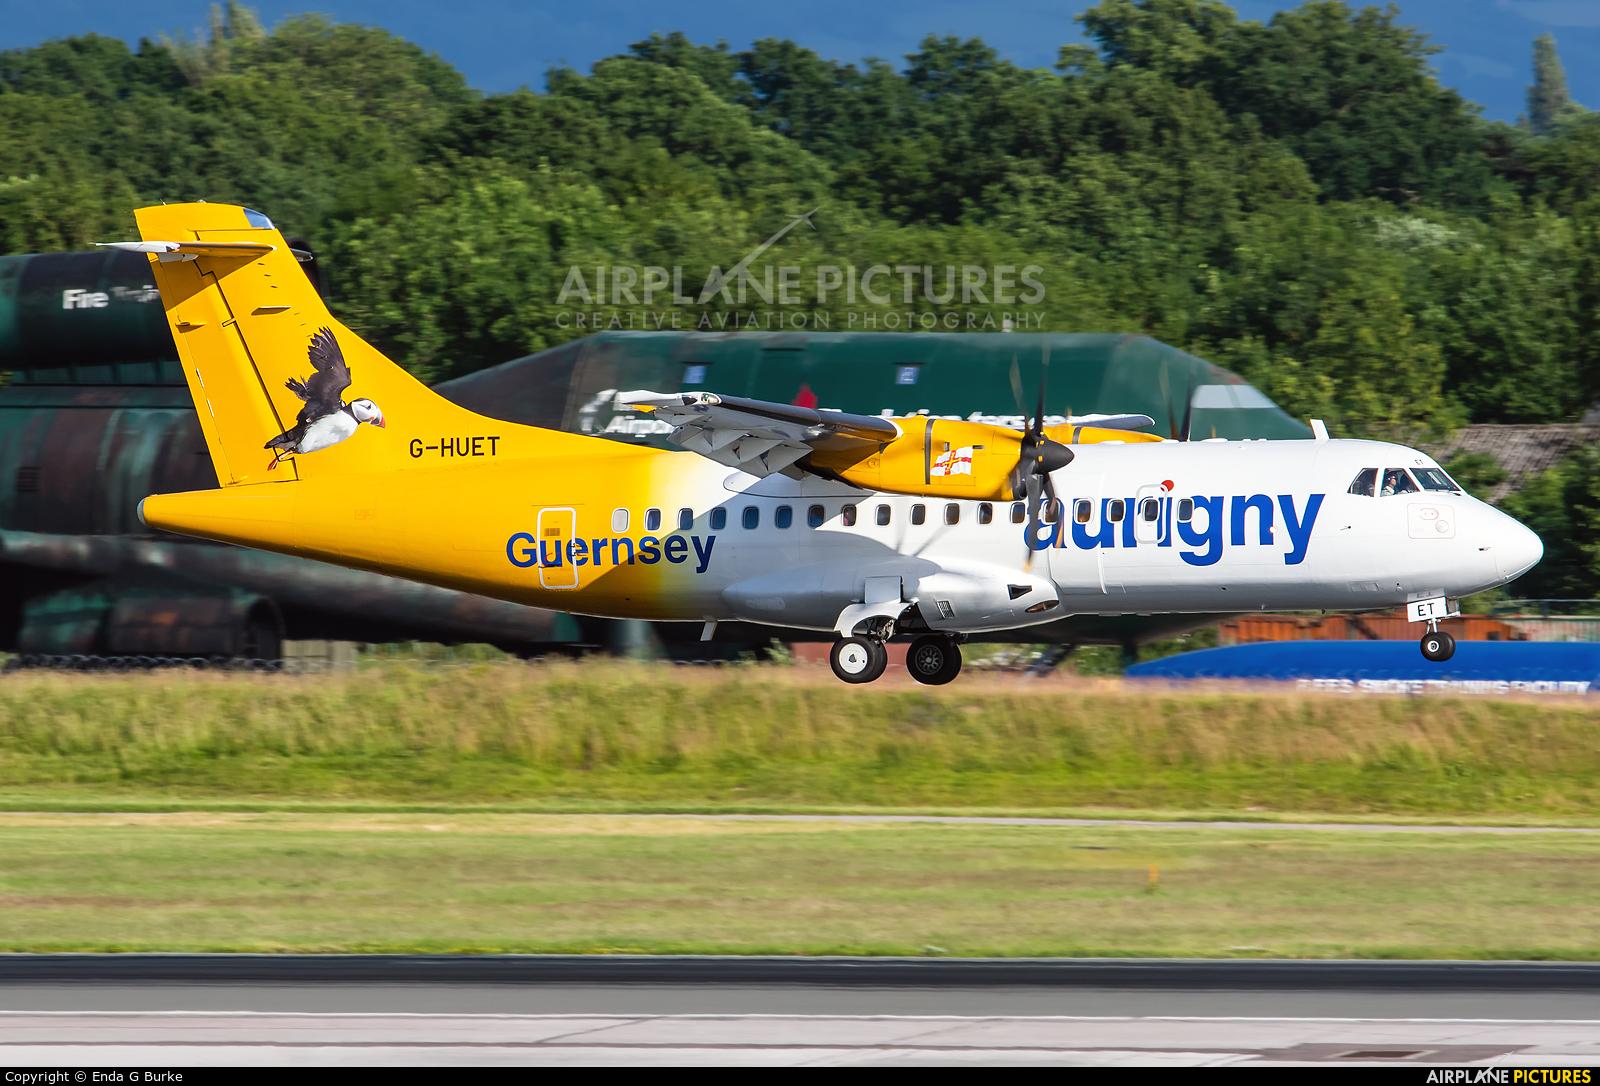 Aurigny Air Services G-HUET aircraft at Manchester